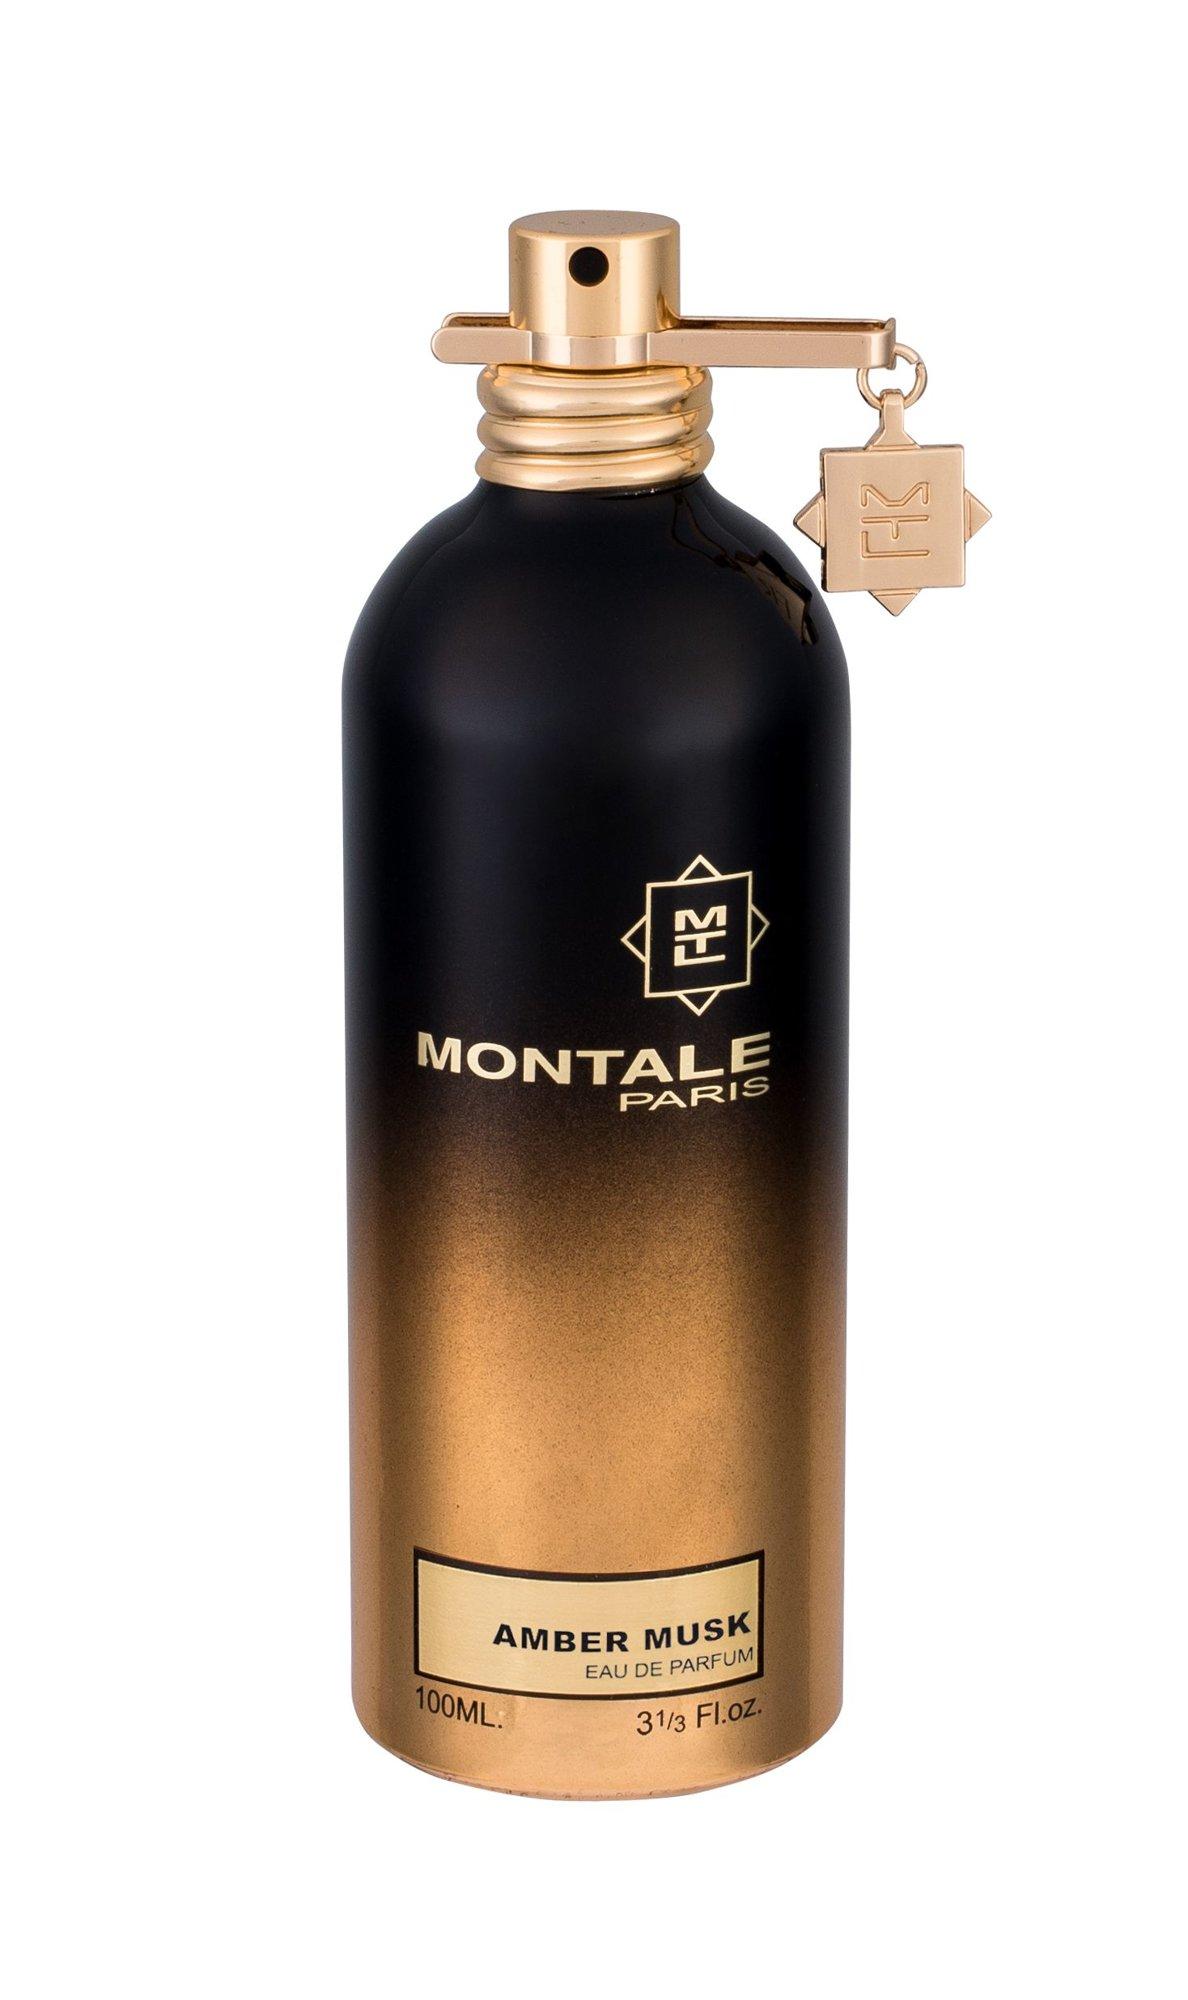 Montale Paris Amber Musk Eau de Parfum 100ml